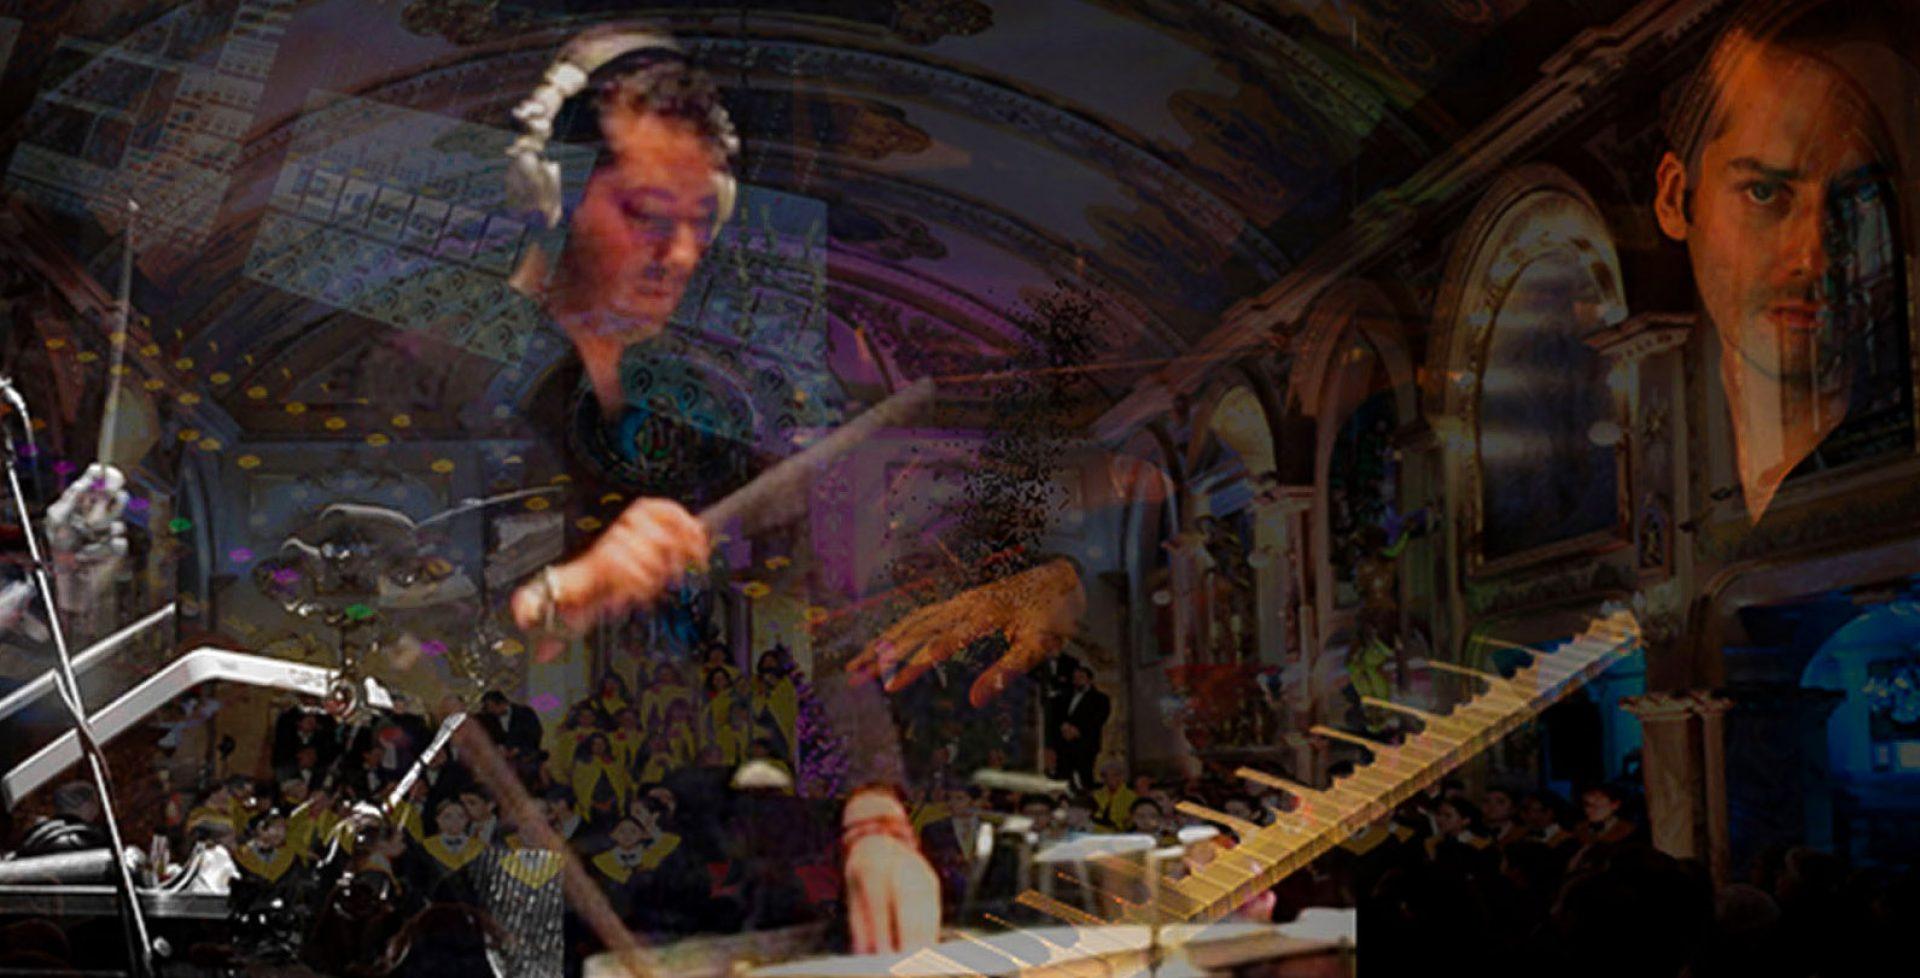 Composer and Recording Engineer Novelli Jurado